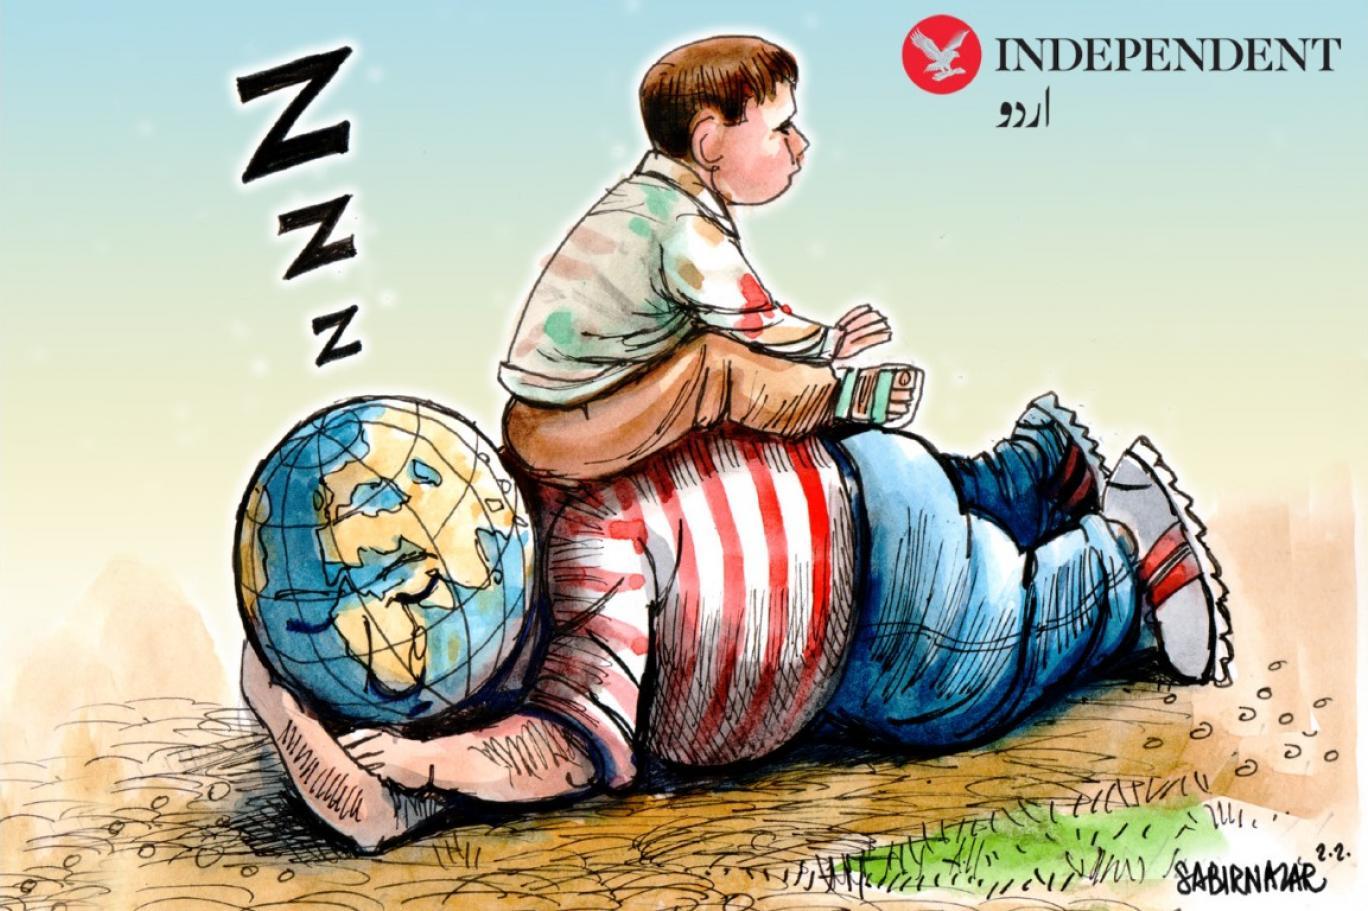 نانا کی لاش پر بیٹھے کشمیری بچے کے دکھ پر دنیا خاموش